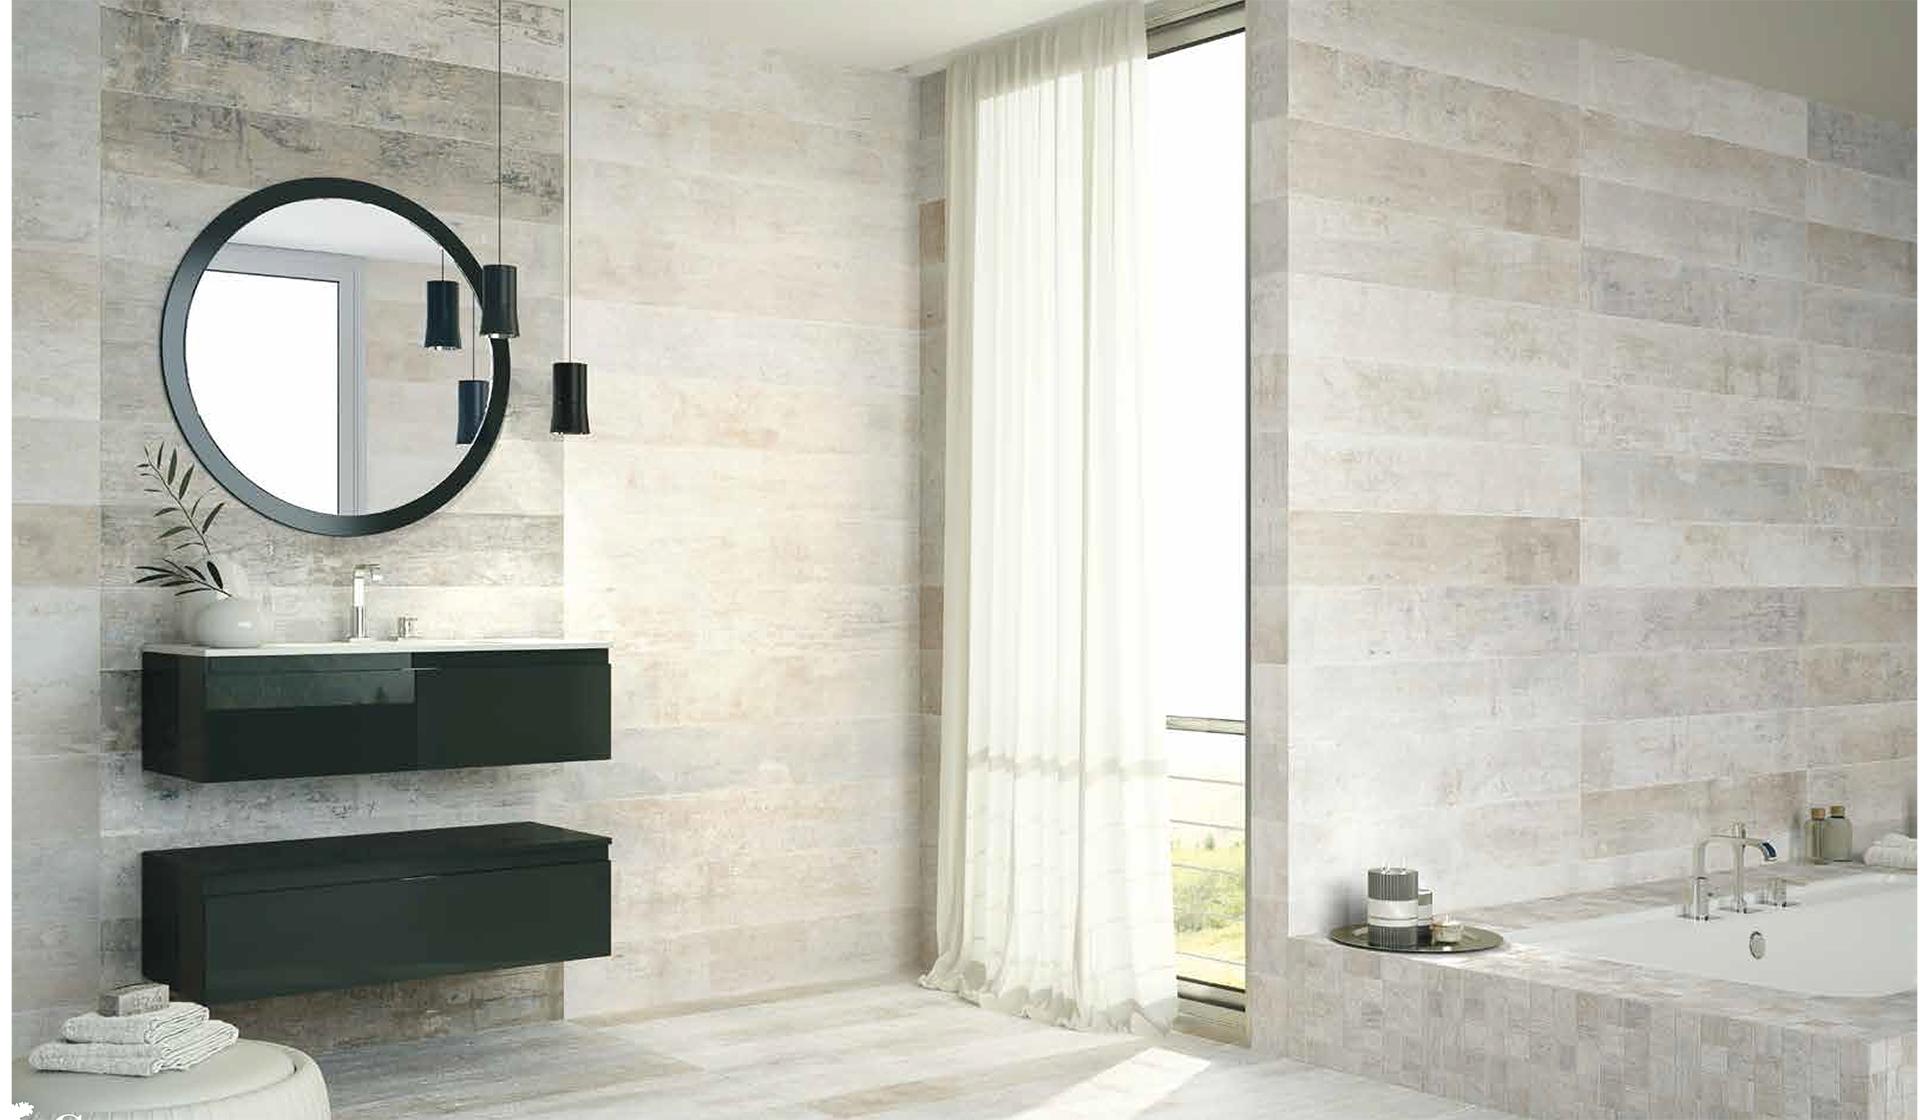 Proveedores para empresas y particulares de muebles y accesorios de baño